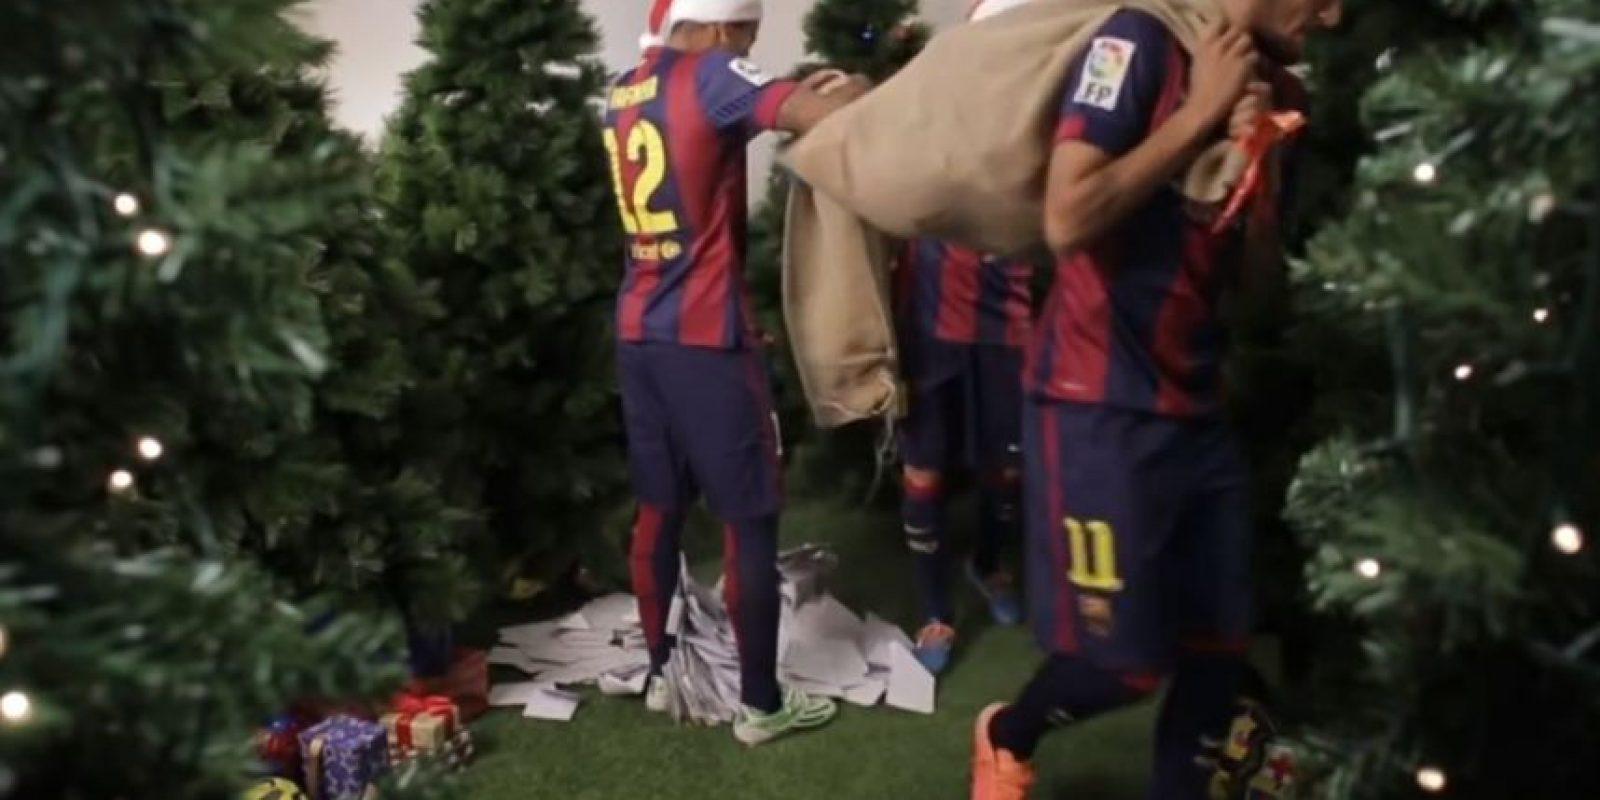 Lo que provocó la burla de sus compañeros Foto:Youtube: Barcelona FC